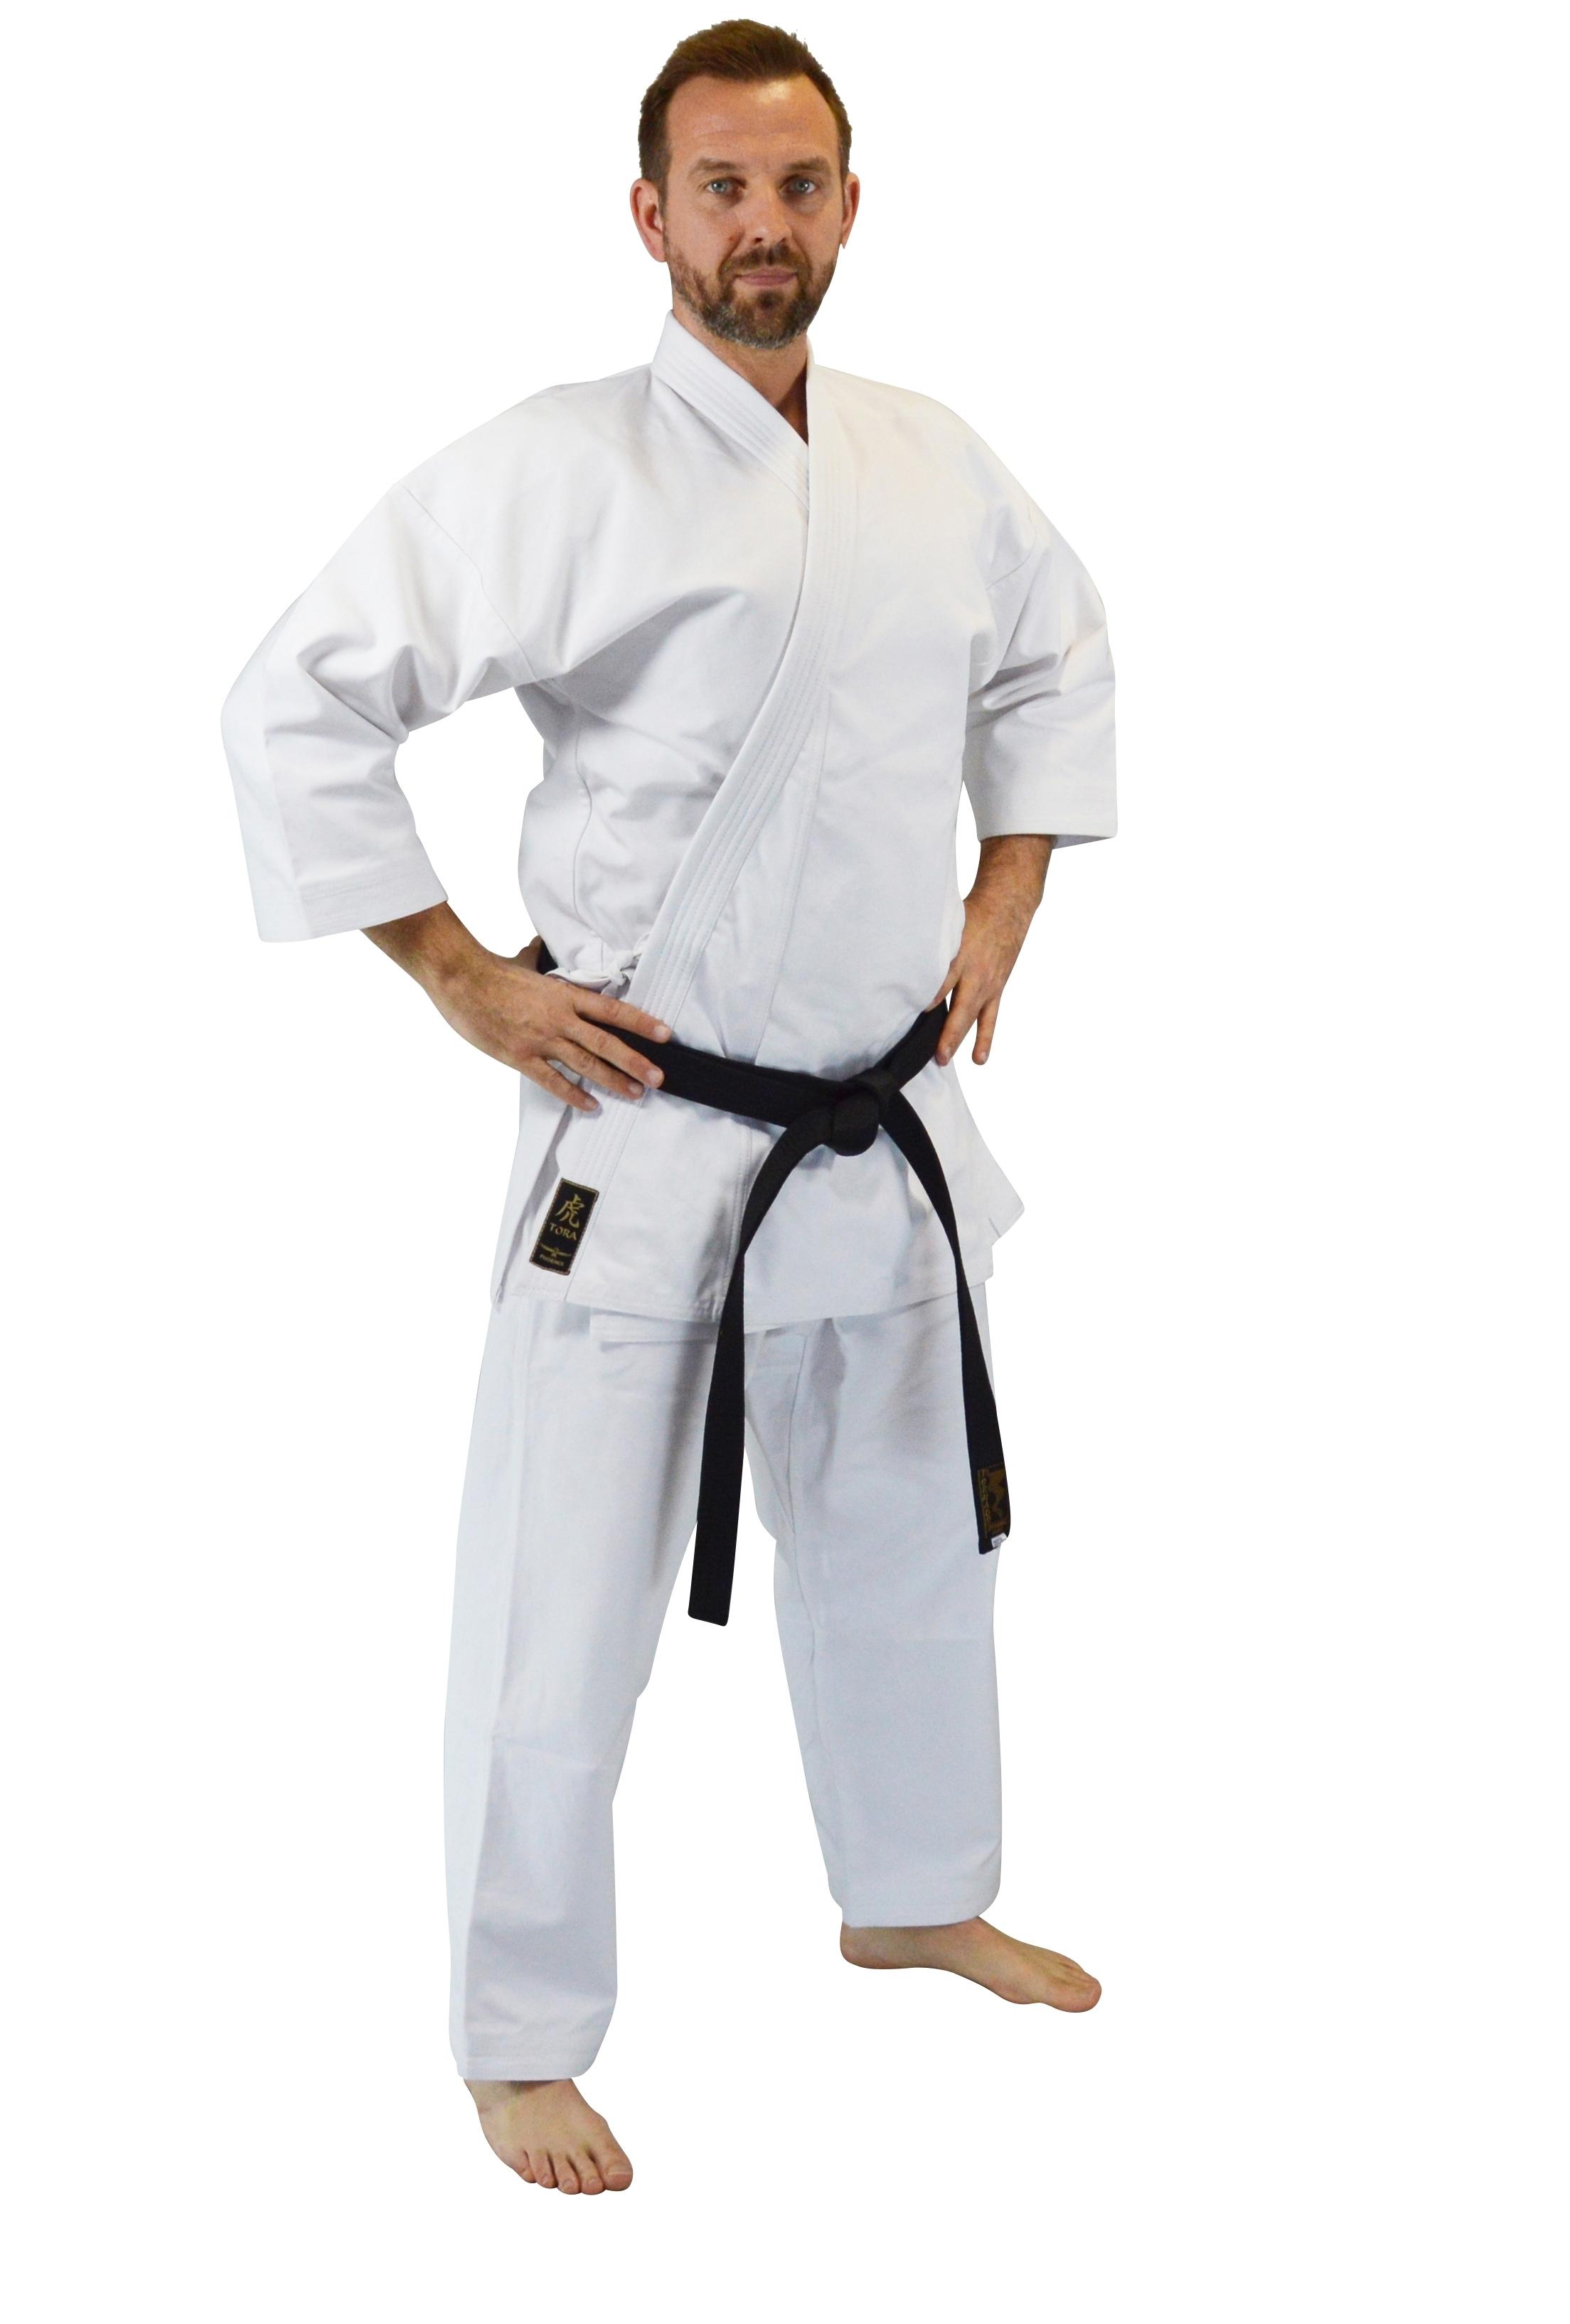 Karateanzug 100/% Baumwolle für Erwachsene Kinder und Jugend Gr.90-200 AN:2